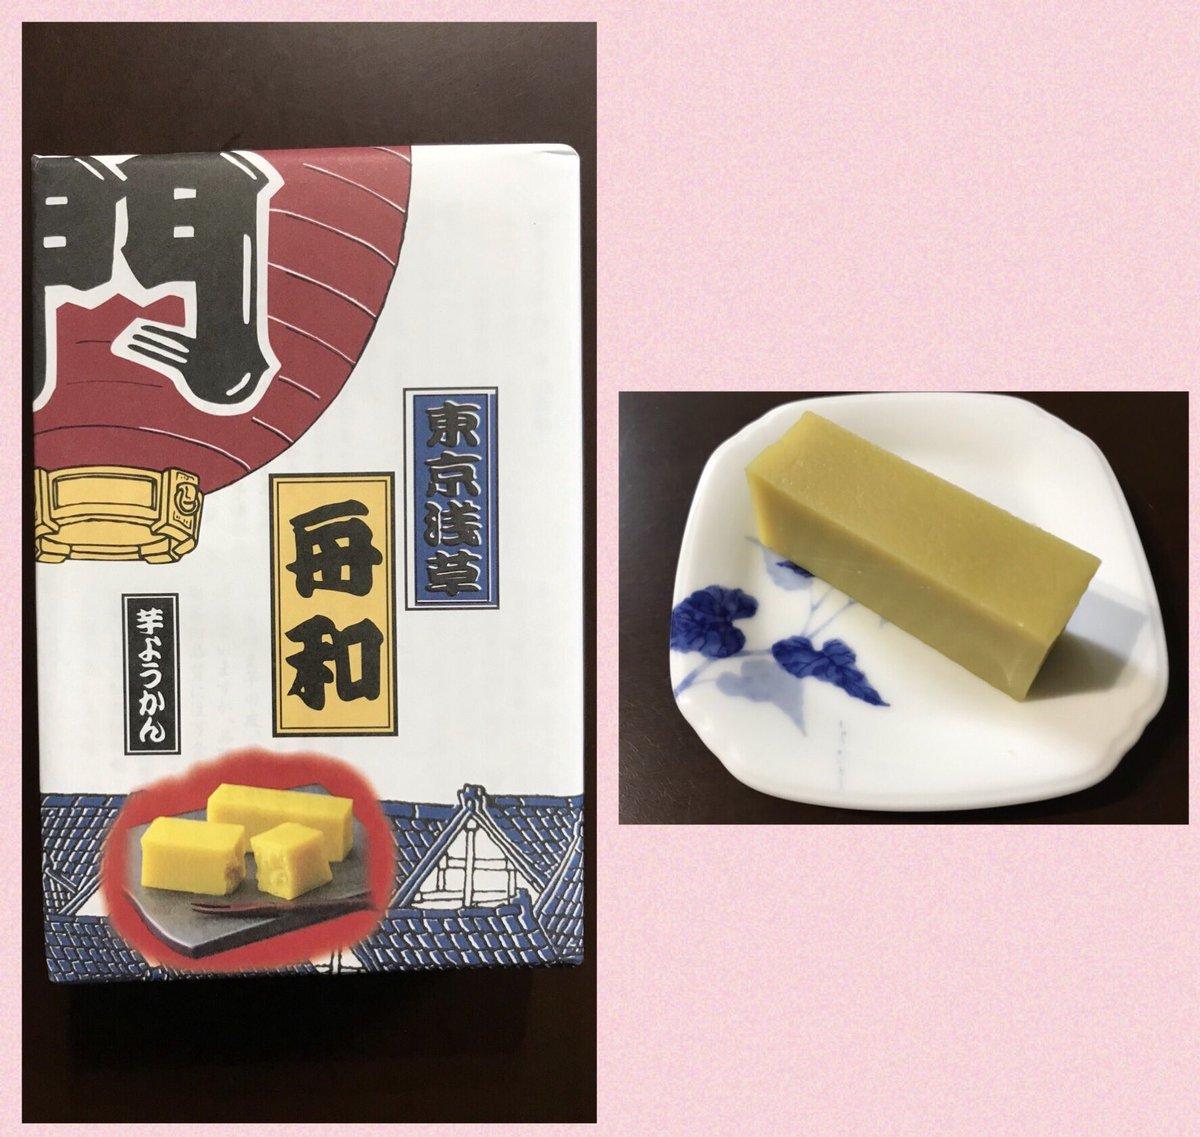 test ツイッターメディア - 今日の  おやつ~☆ 舟和の芋ようかん!! 時々、無償に食べたくなるぅ~(*≧∀≦*) 有難いことに  名古屋市内のデパートで、週一で入荷するので買って来ちゃった(*´艸`)(笑) https://t.co/dvcpPE0S1d